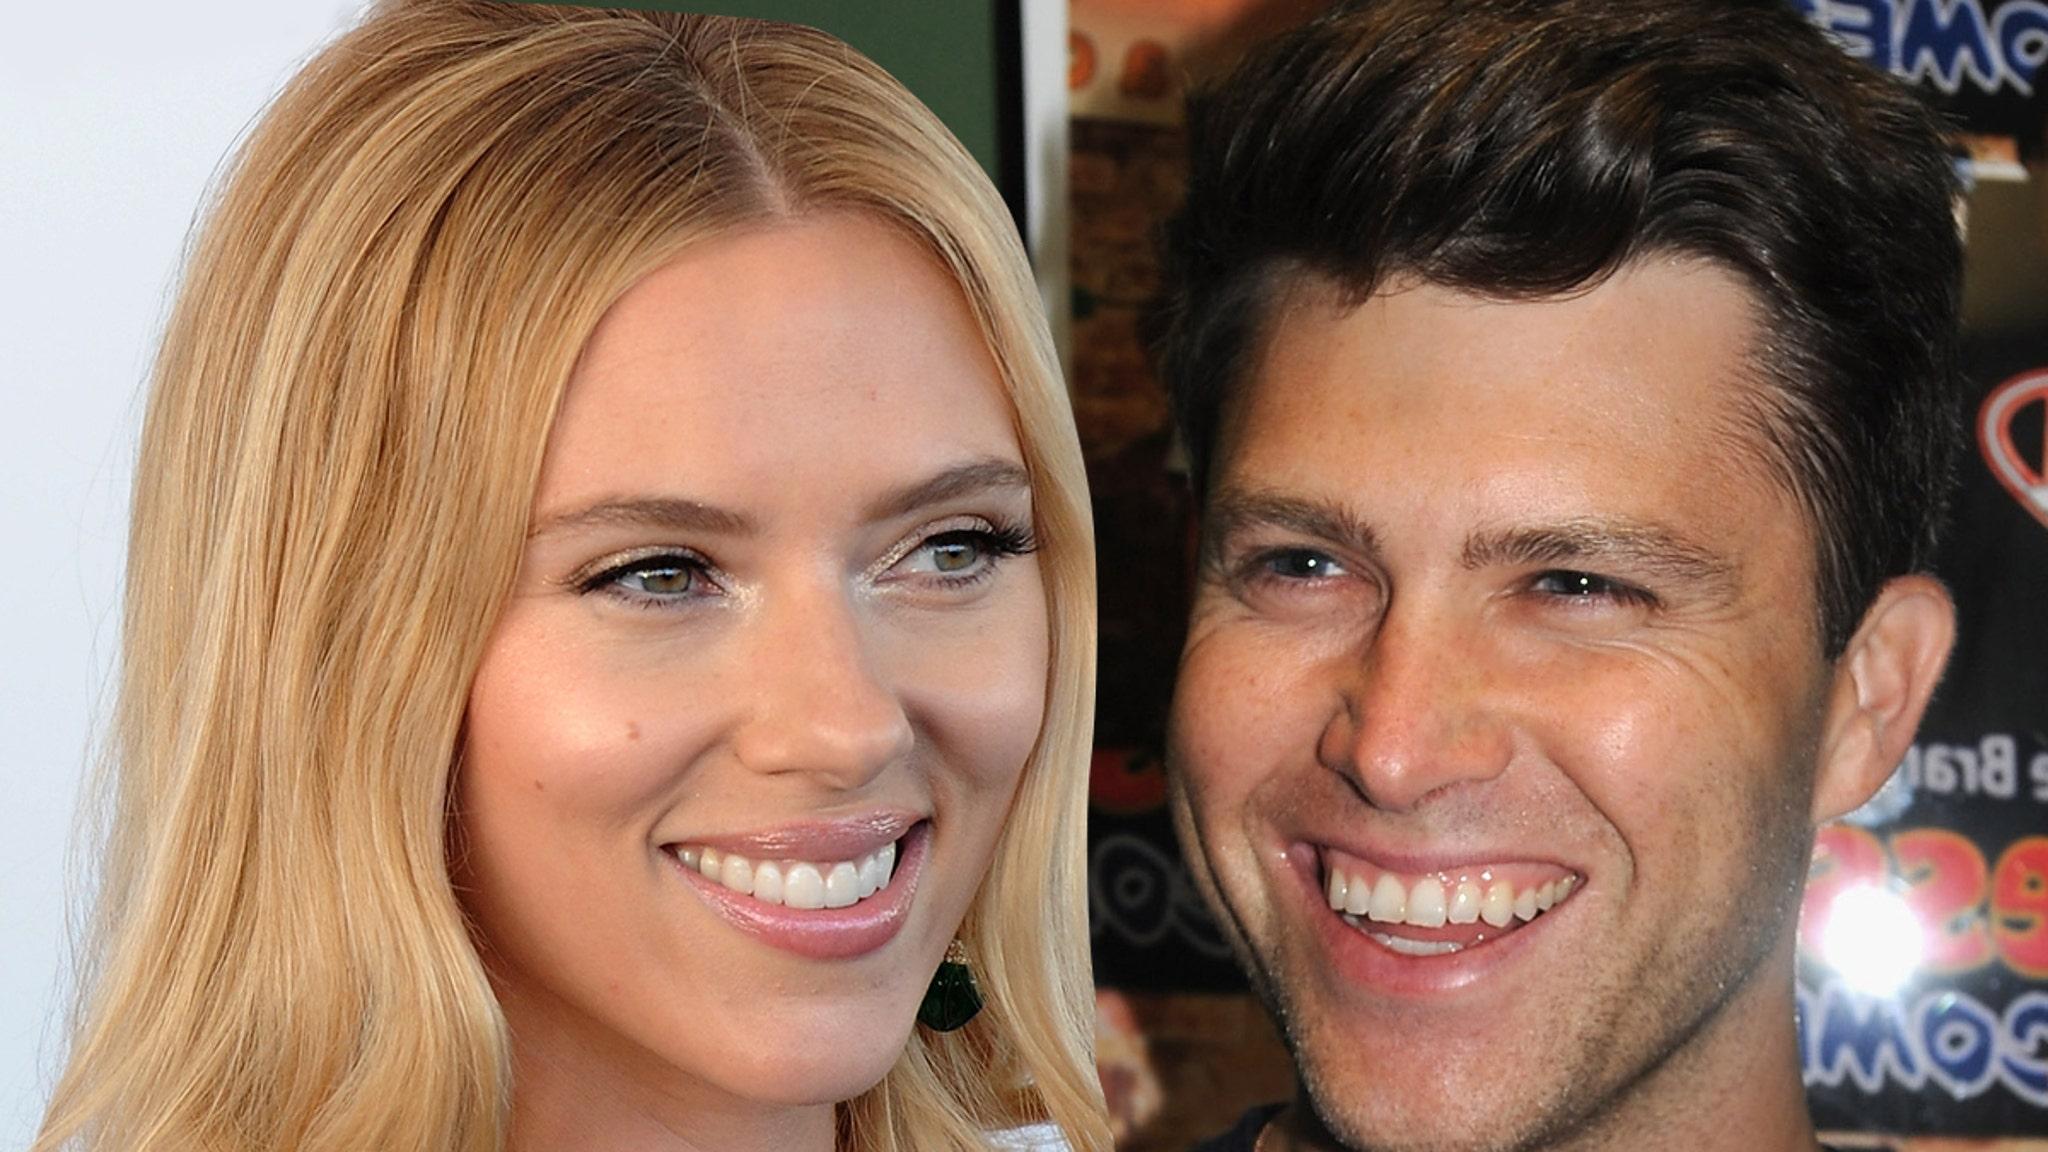 Scarlett Johansson and Colin Jost Married in Private Ceremony - TMZ